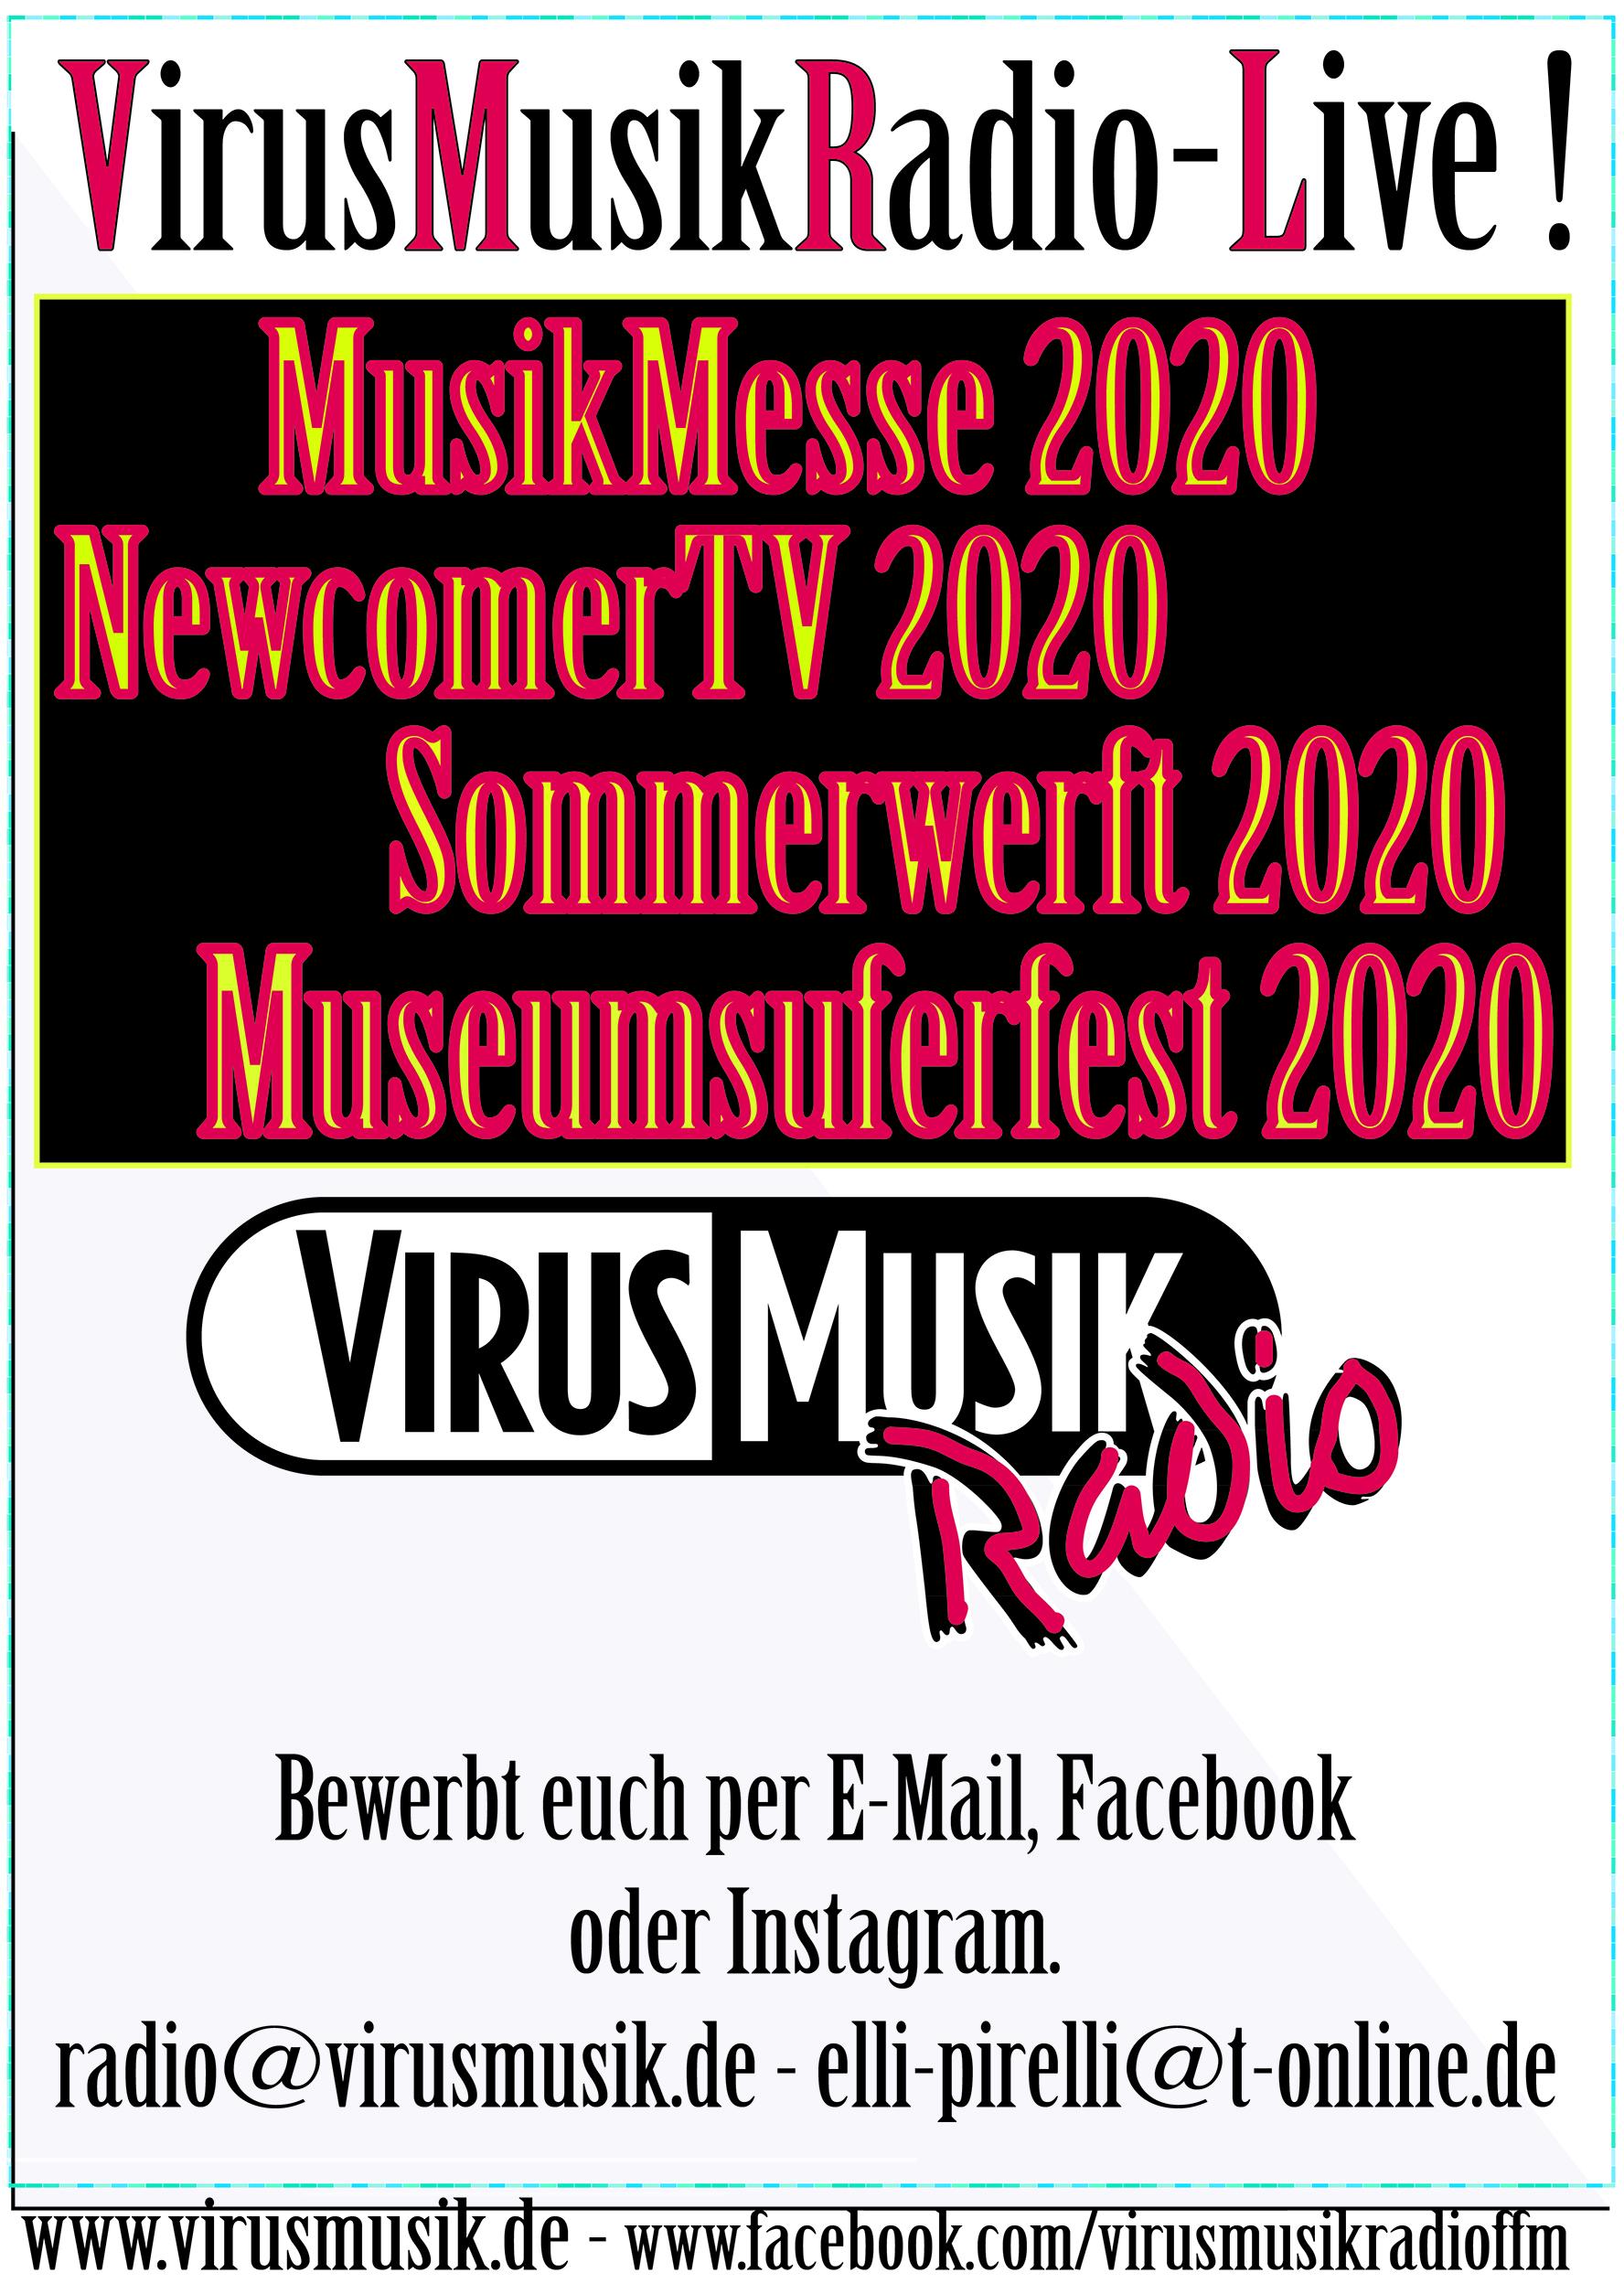 VirusMusik sucht Musiker/innen und Bands, für das Kulturprogramm 2020!